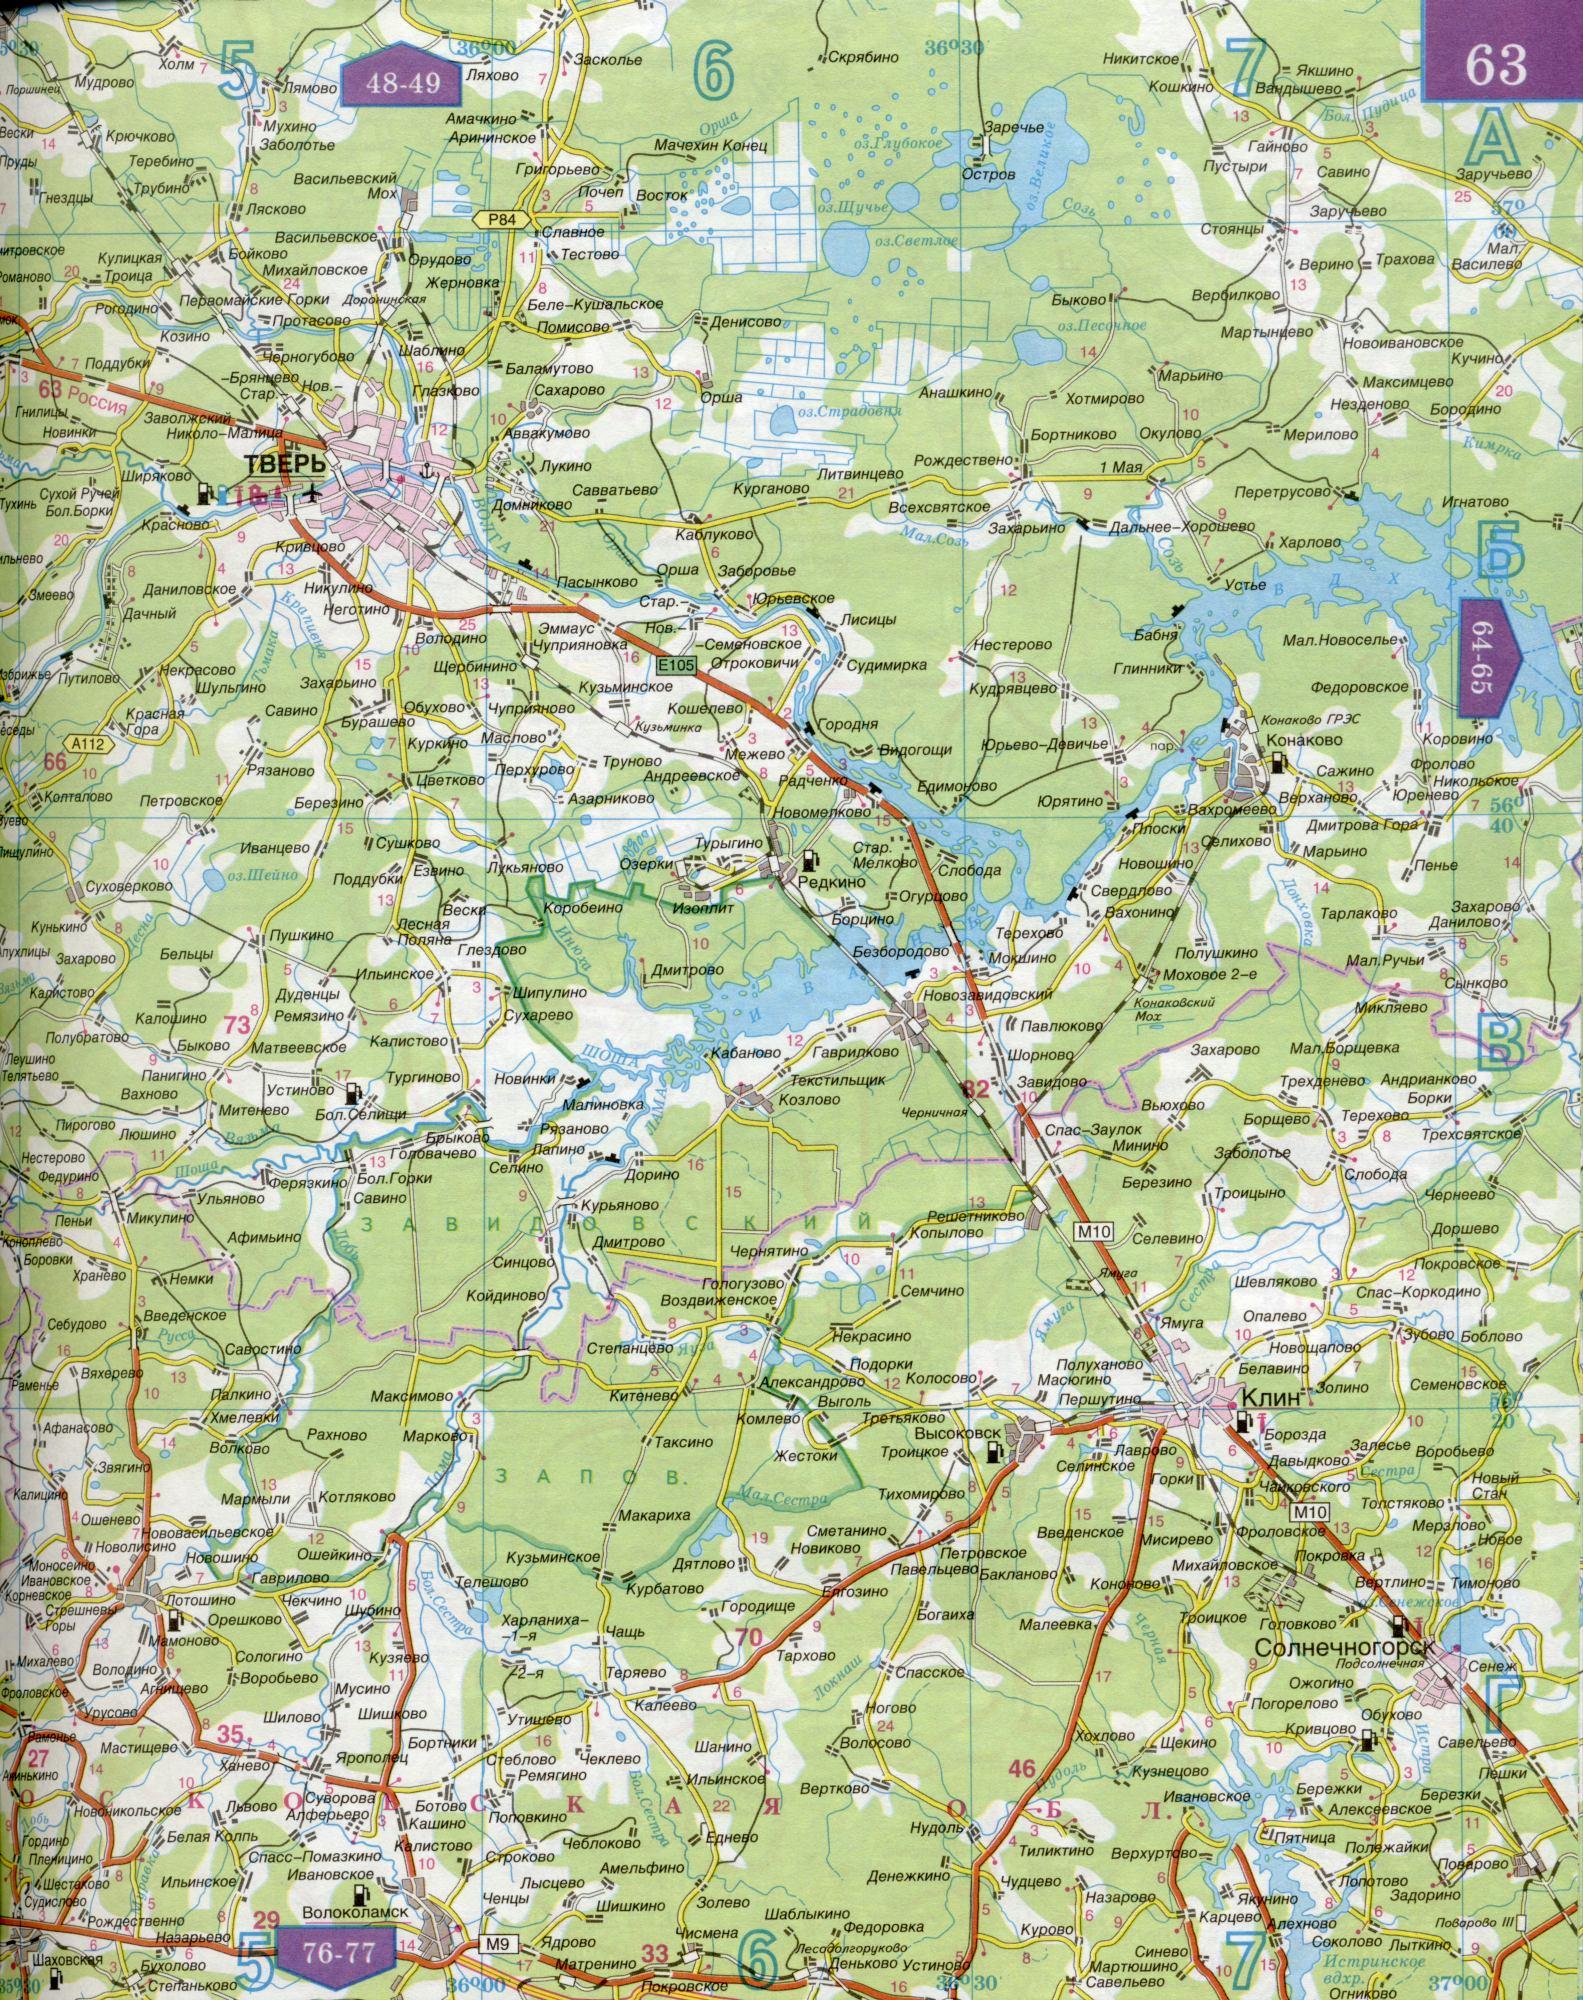 Карта автомобильных дорог твери